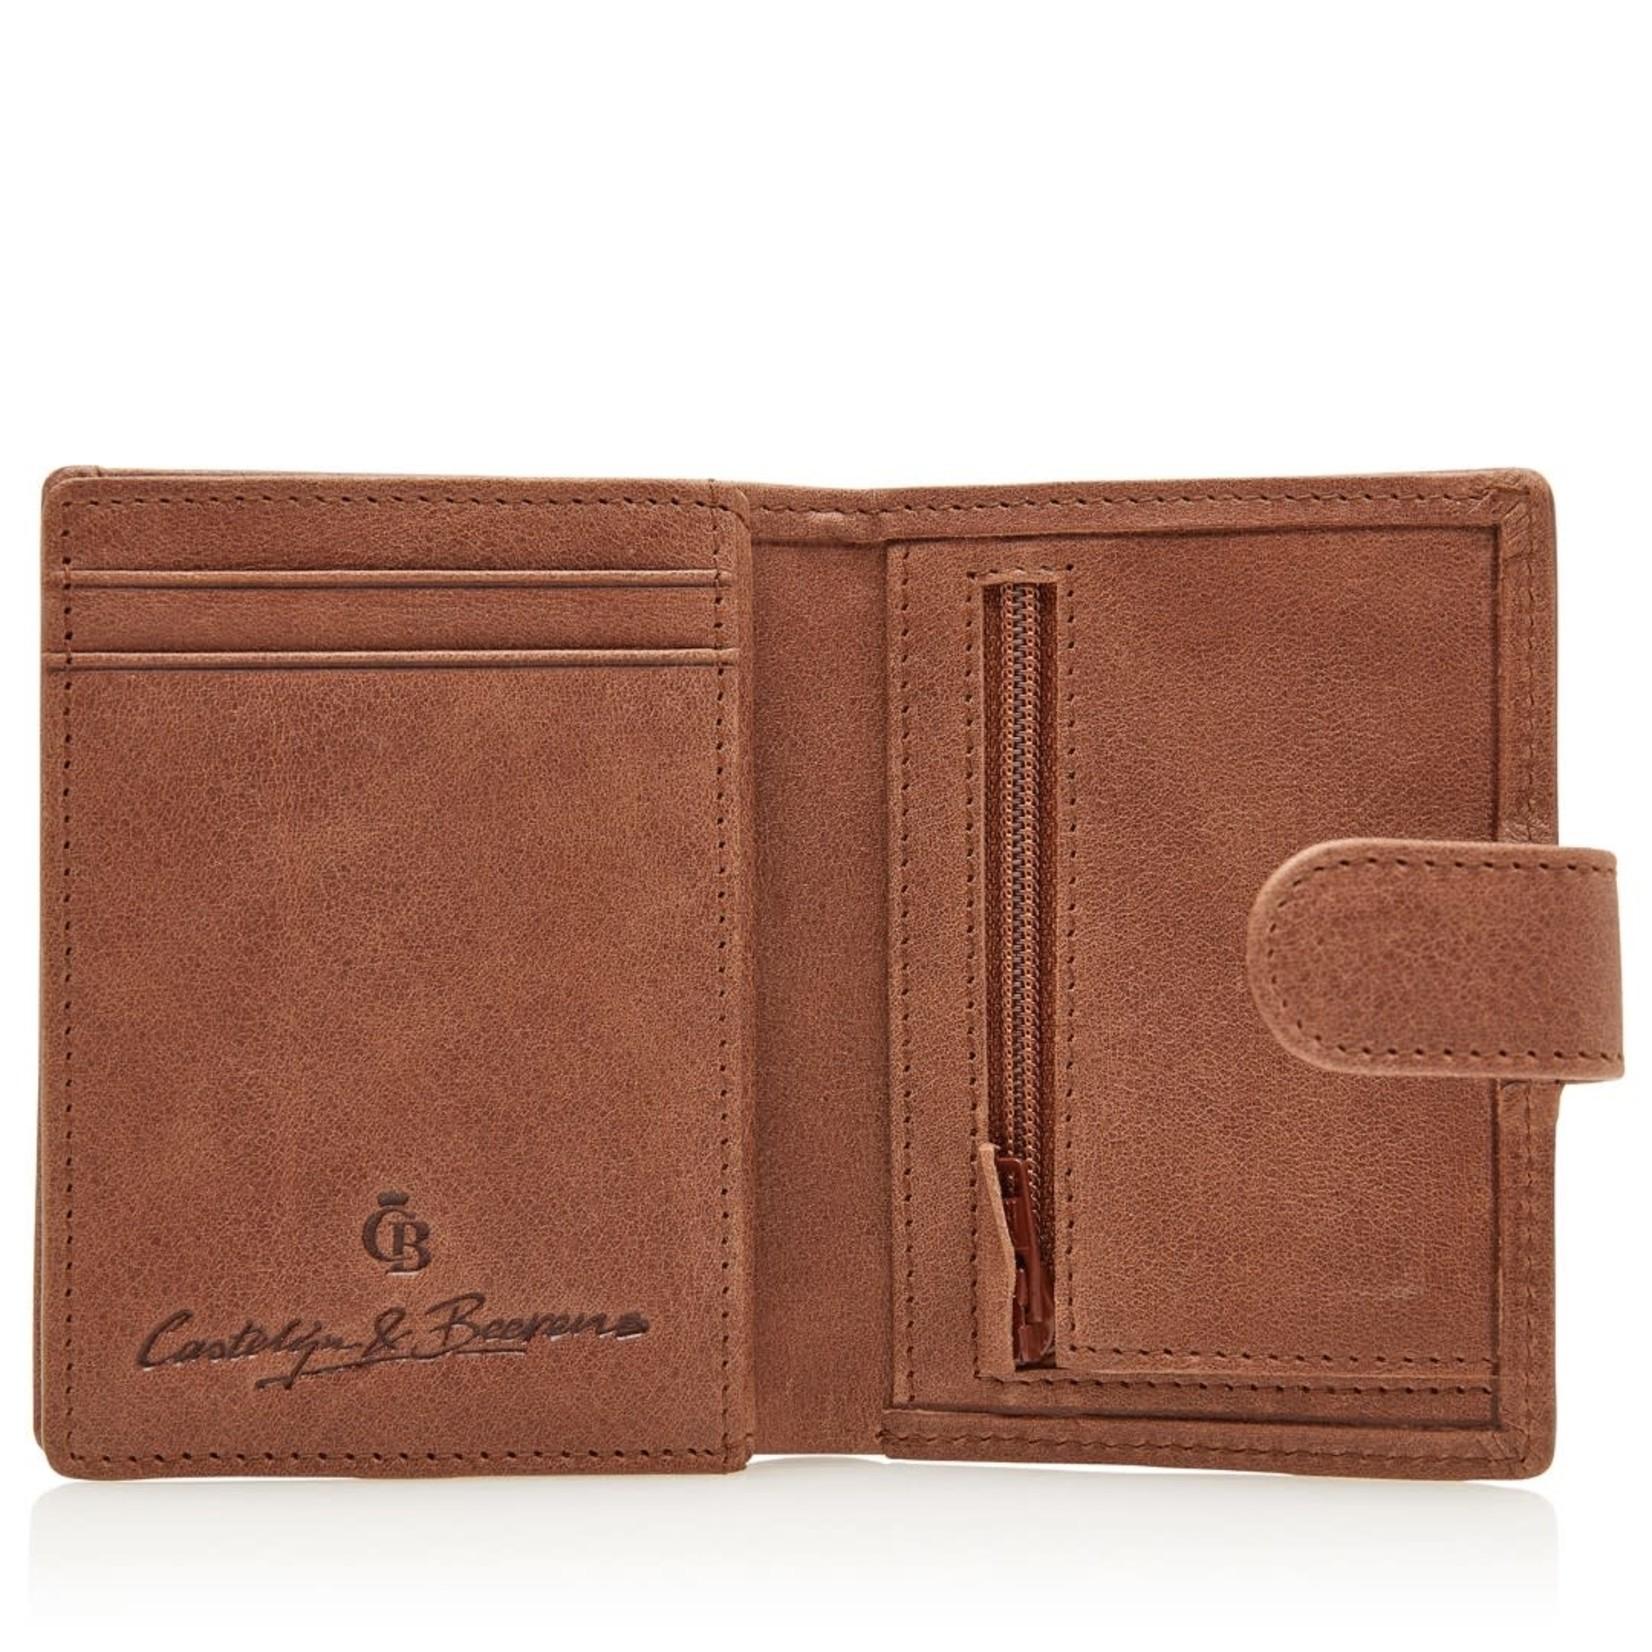 Castelijn en Beerens Portemonnee 10 pasjes RFID Cognac